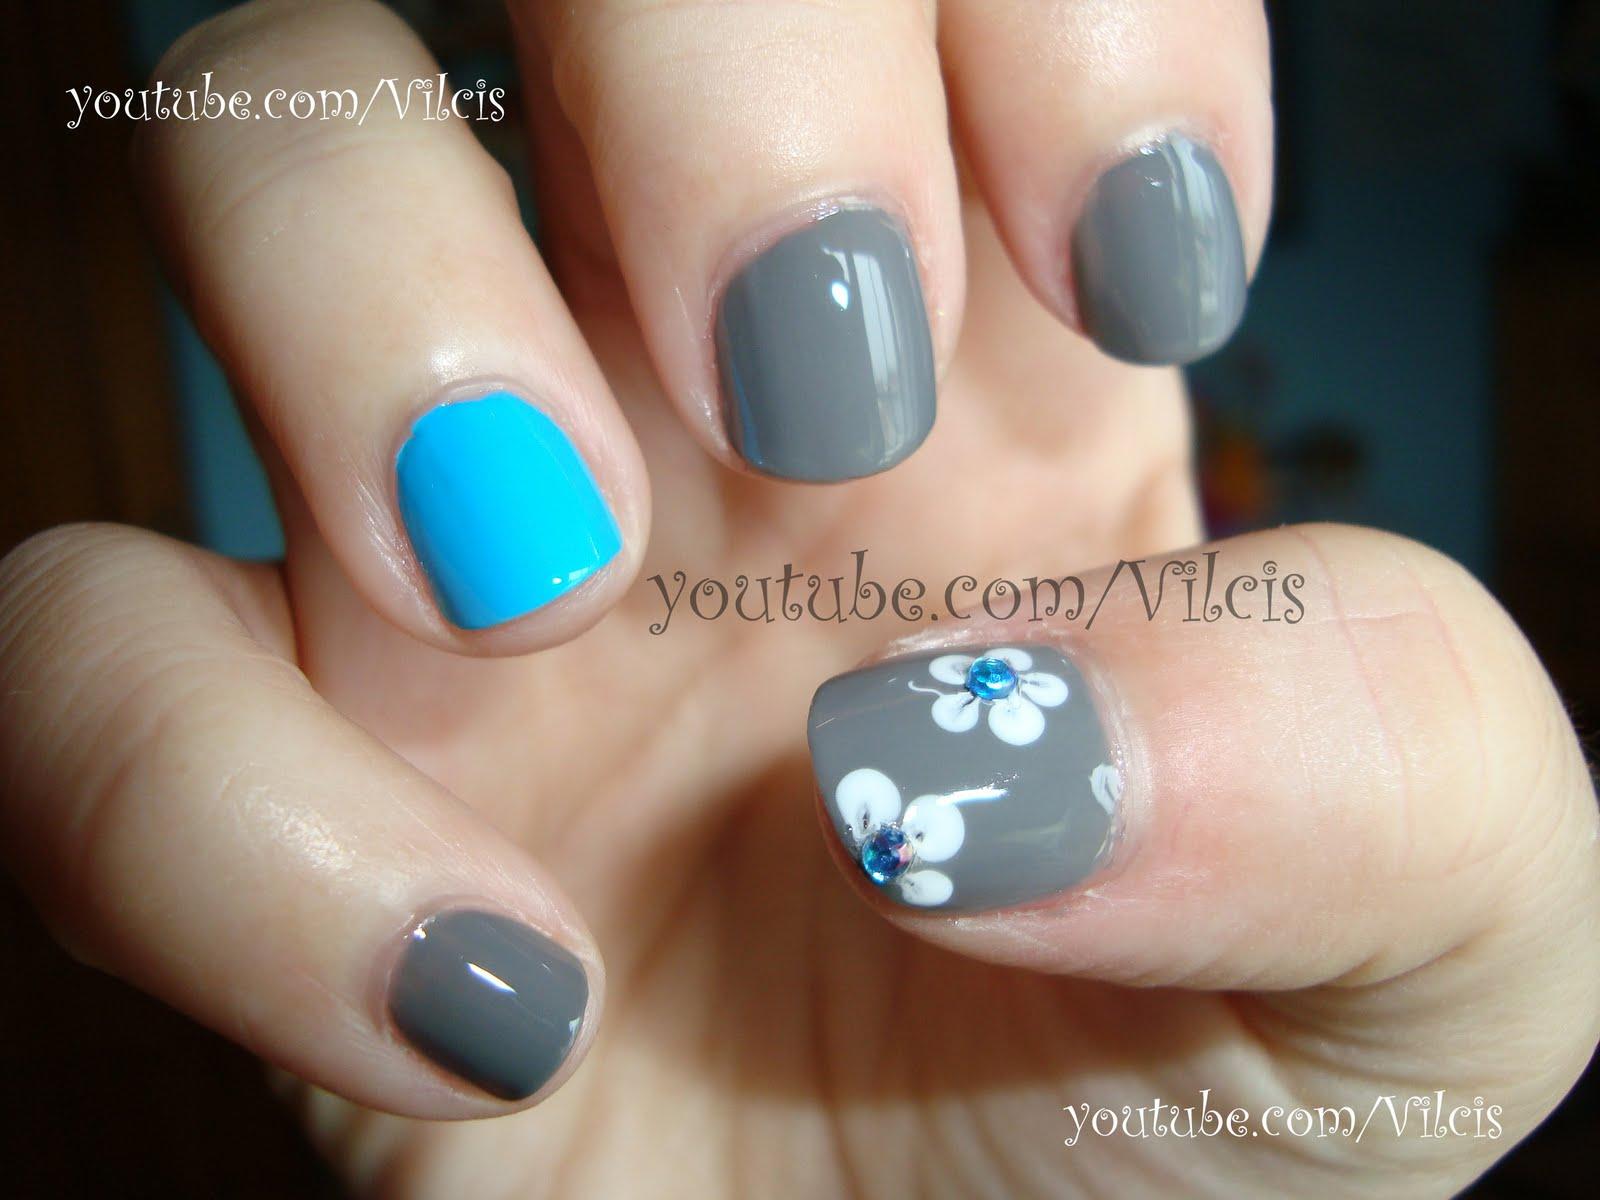 Vilcis nail designs: Uñas cortas, diseño sencillo